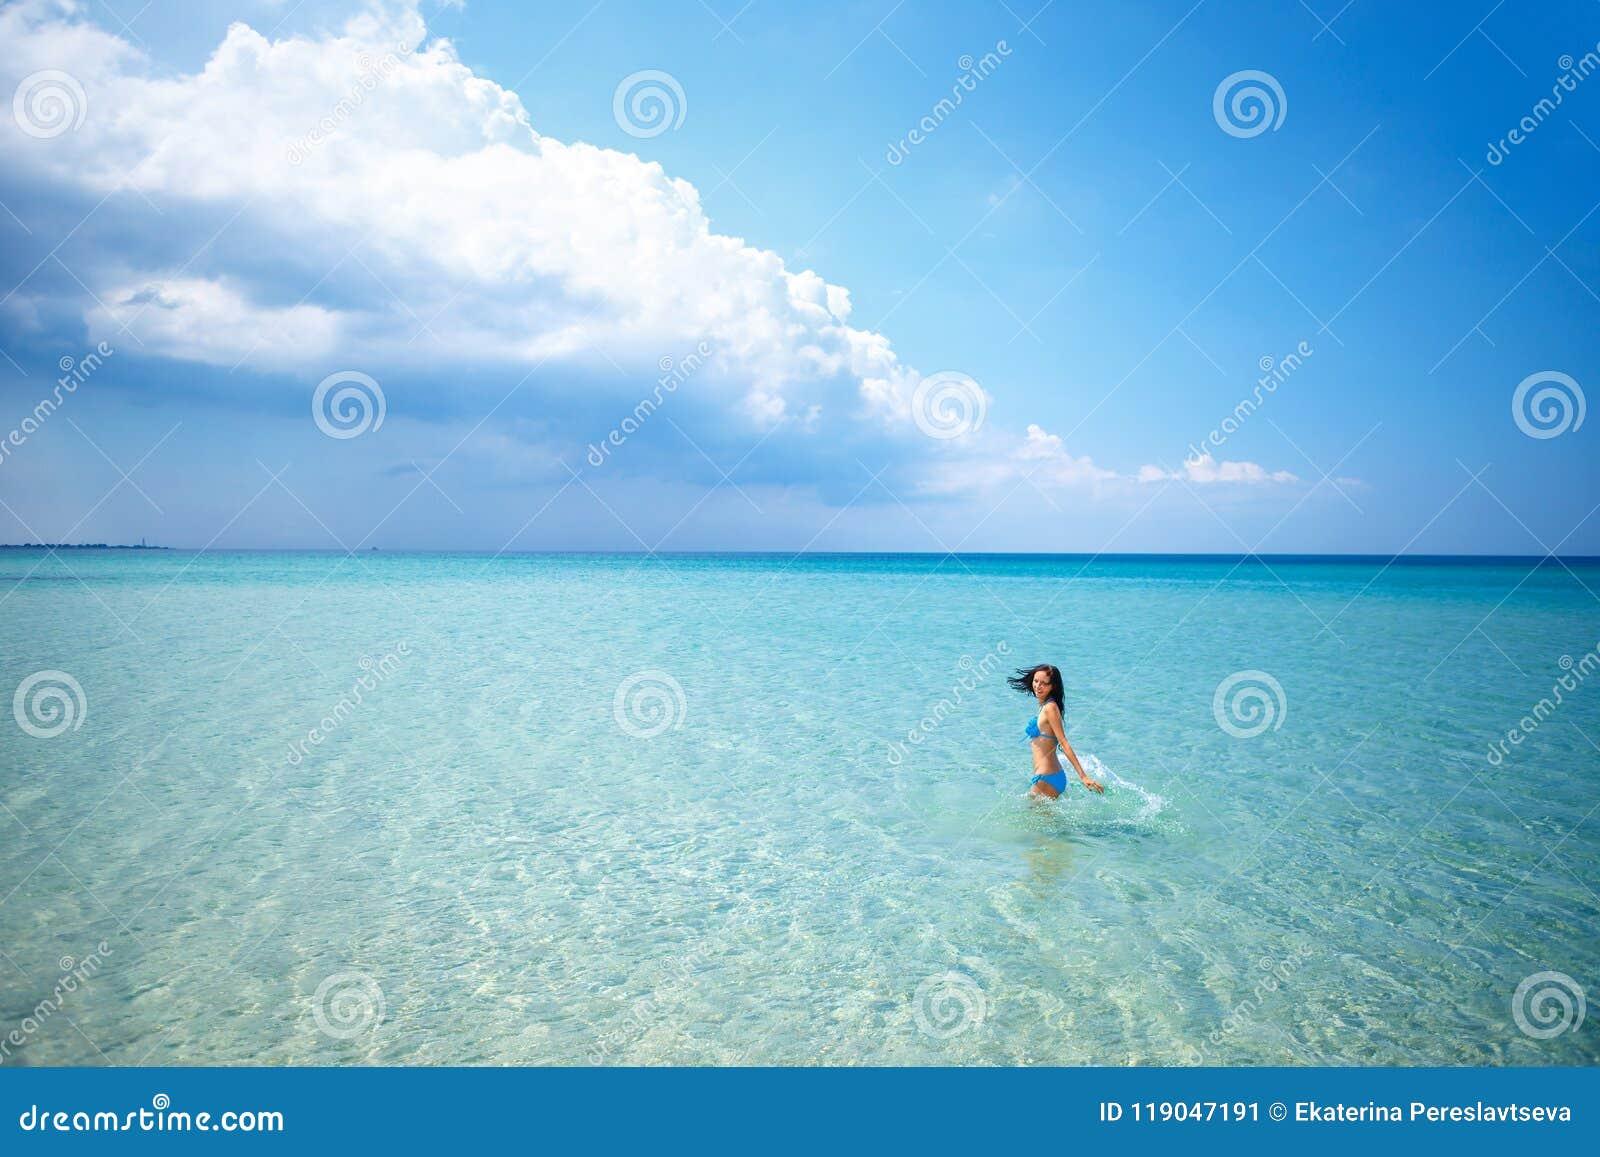 Красивая счастливая женщина стоя в купальнике на голубом море